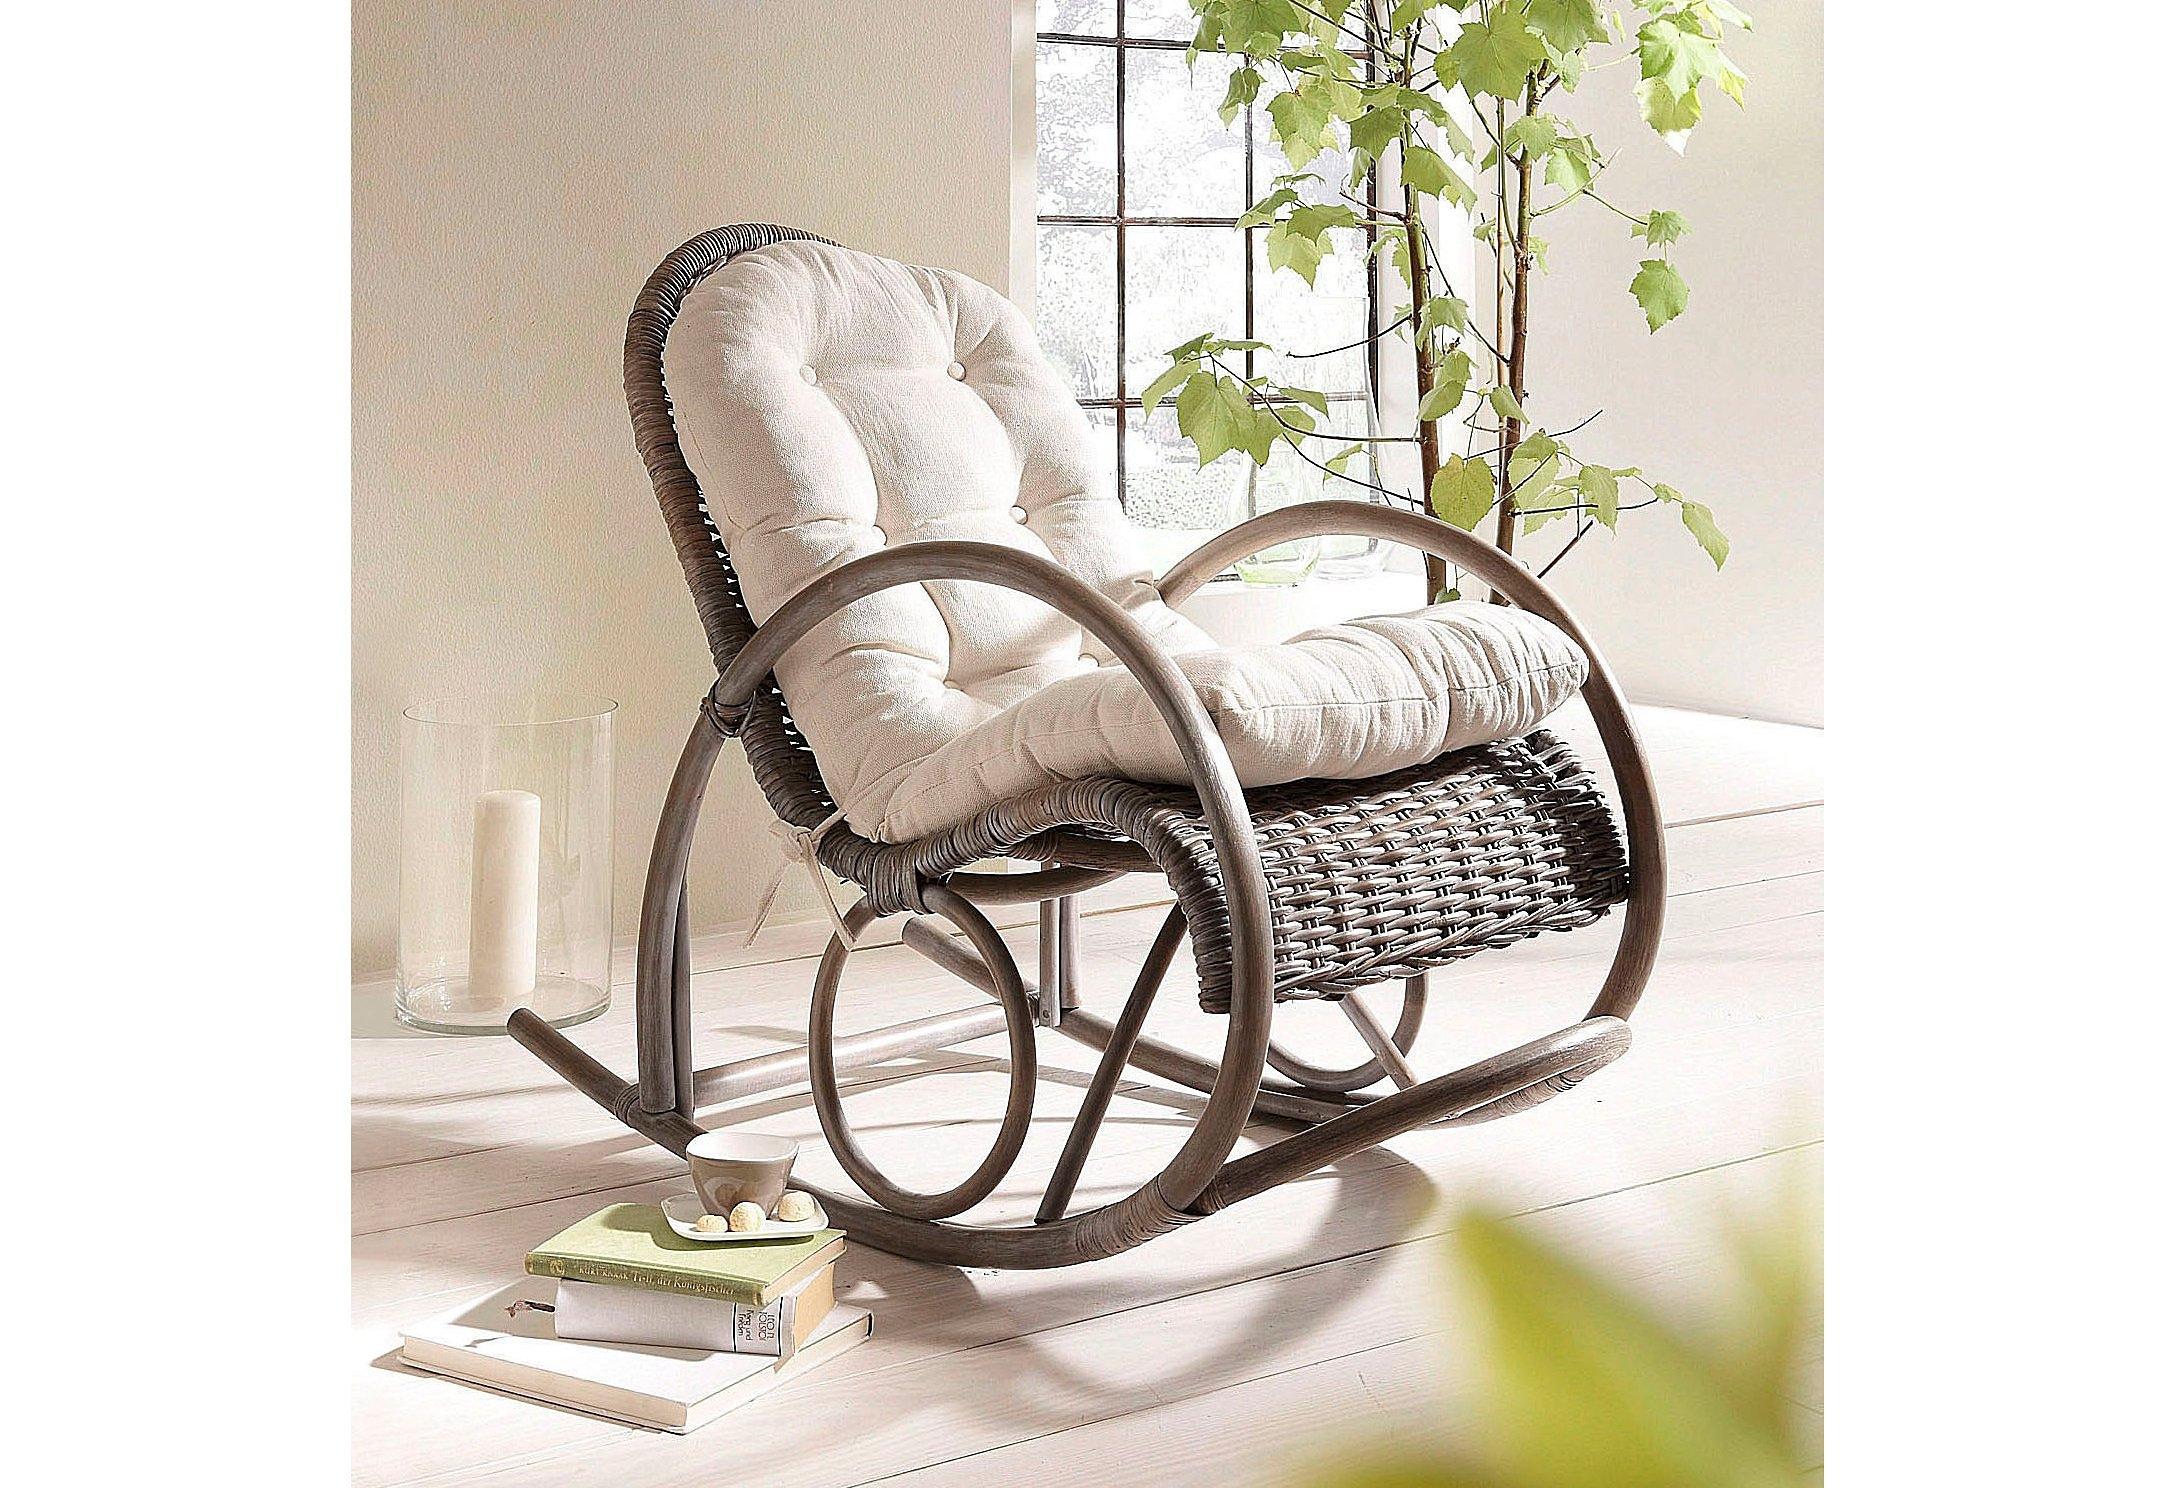 Kussen Voor Rotan Schommelstoel.Schommelstoel Kopen Bestel Gemakkelijk Online Otto